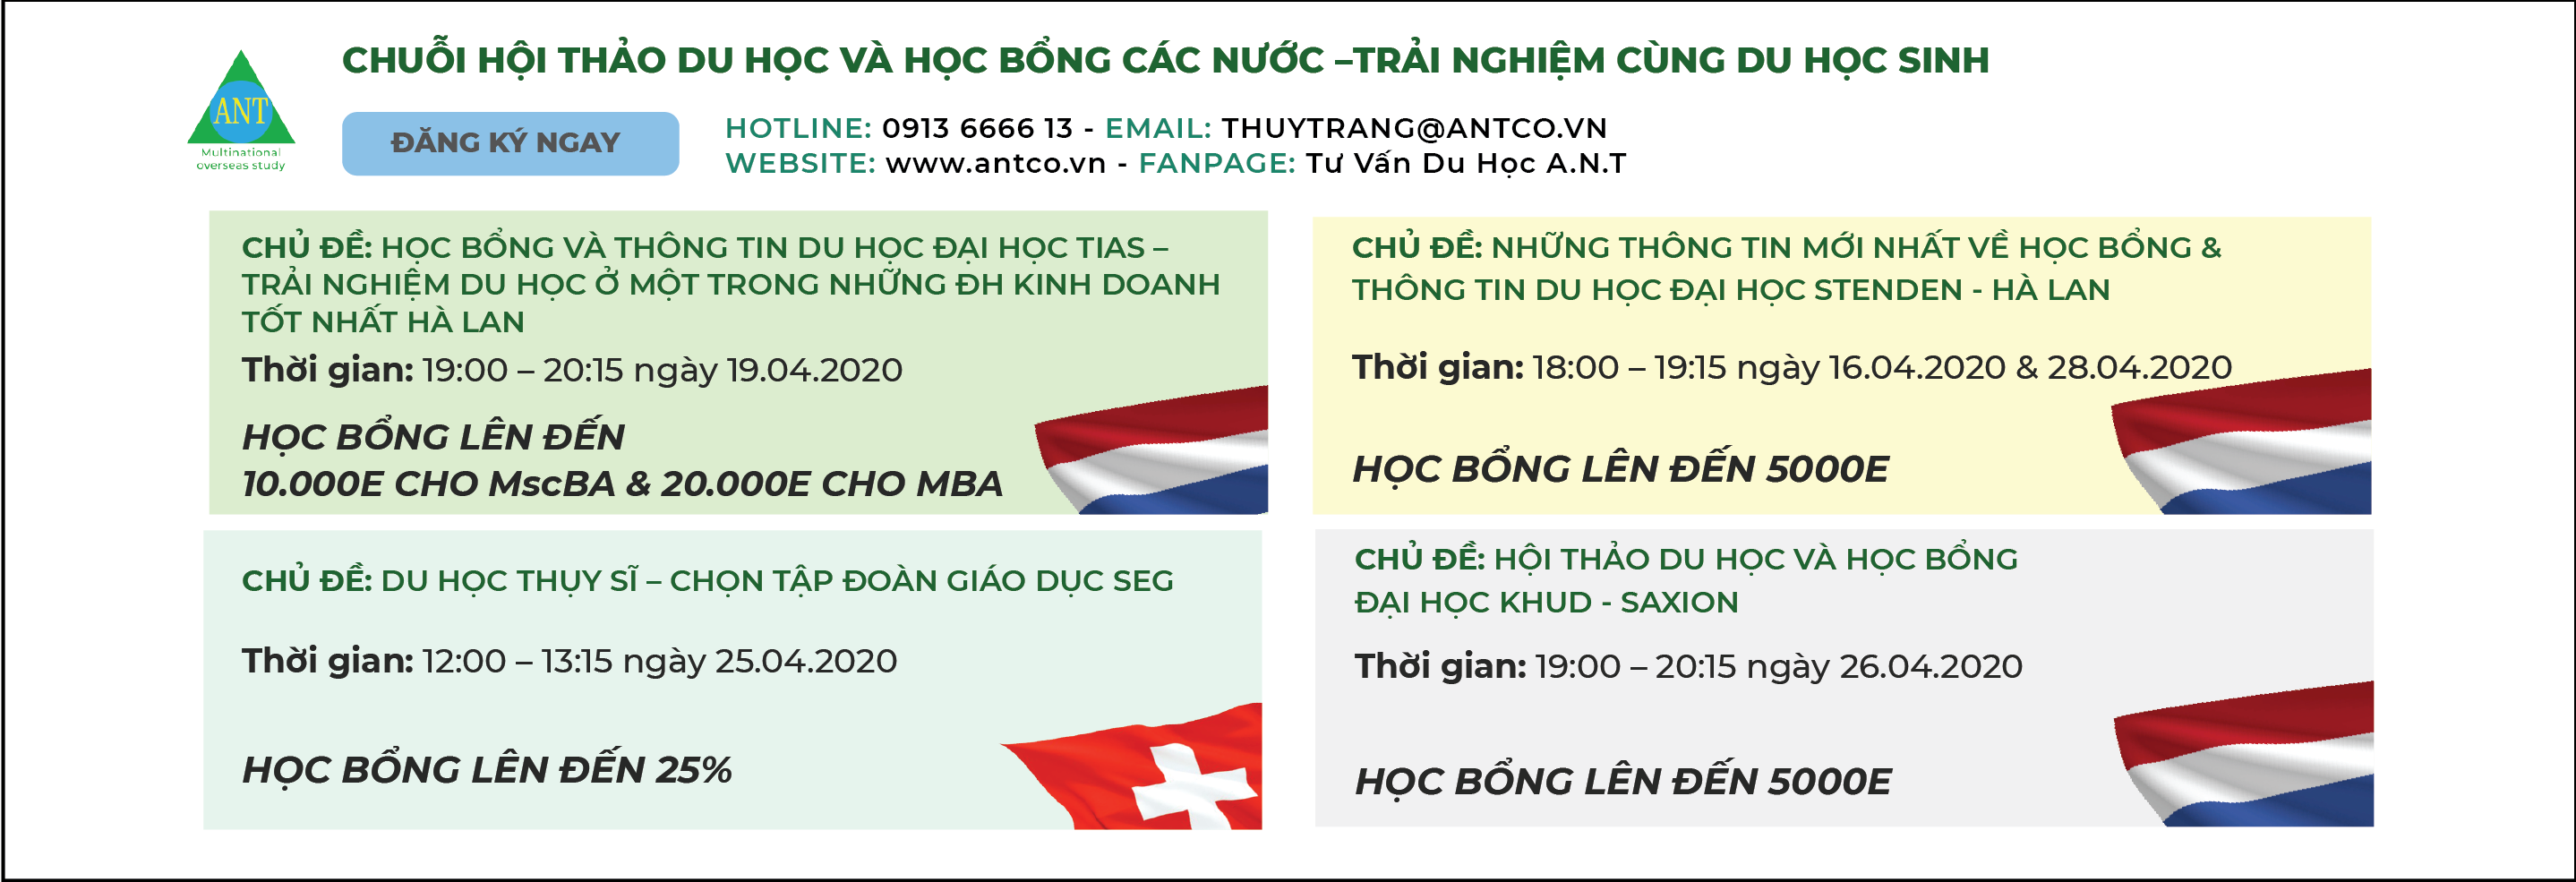 Lịch hội thảo ANT Tháng 4/2020